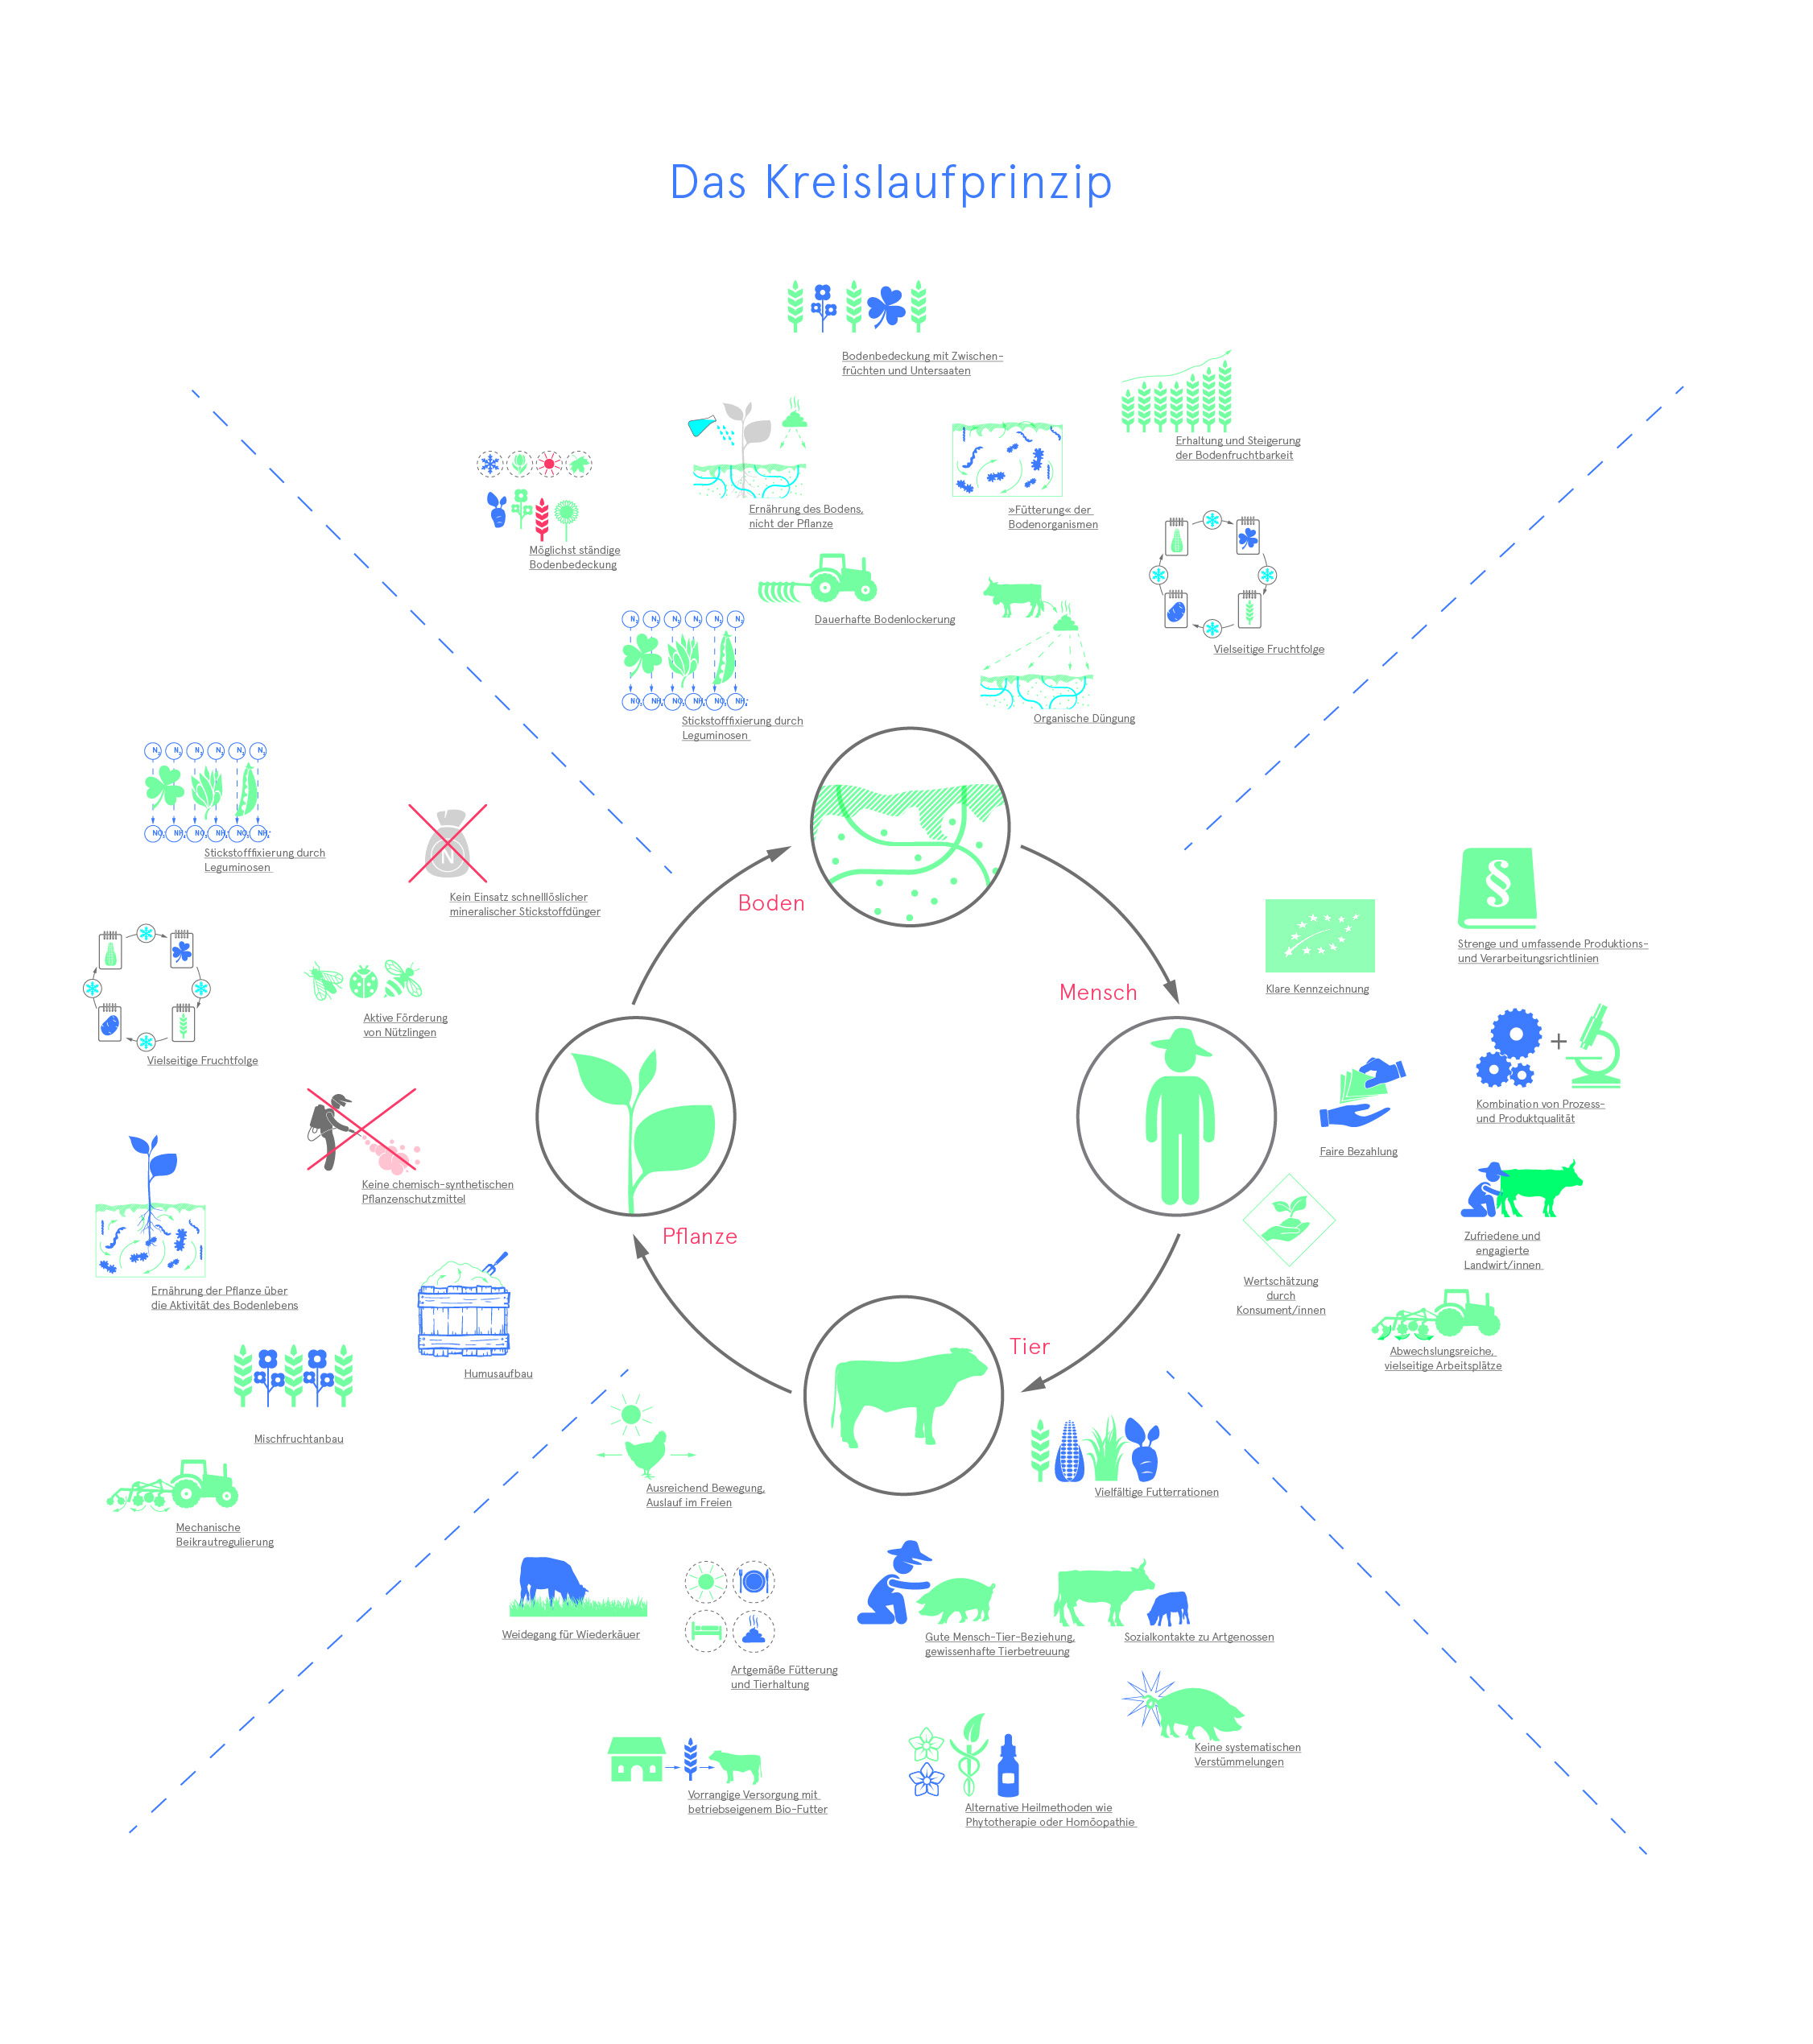 Kreislaufprinzip Arbeitsplätze Bio-Landwirtschaft Boden Pflanze Tier Mensch Wissensvisualisierung